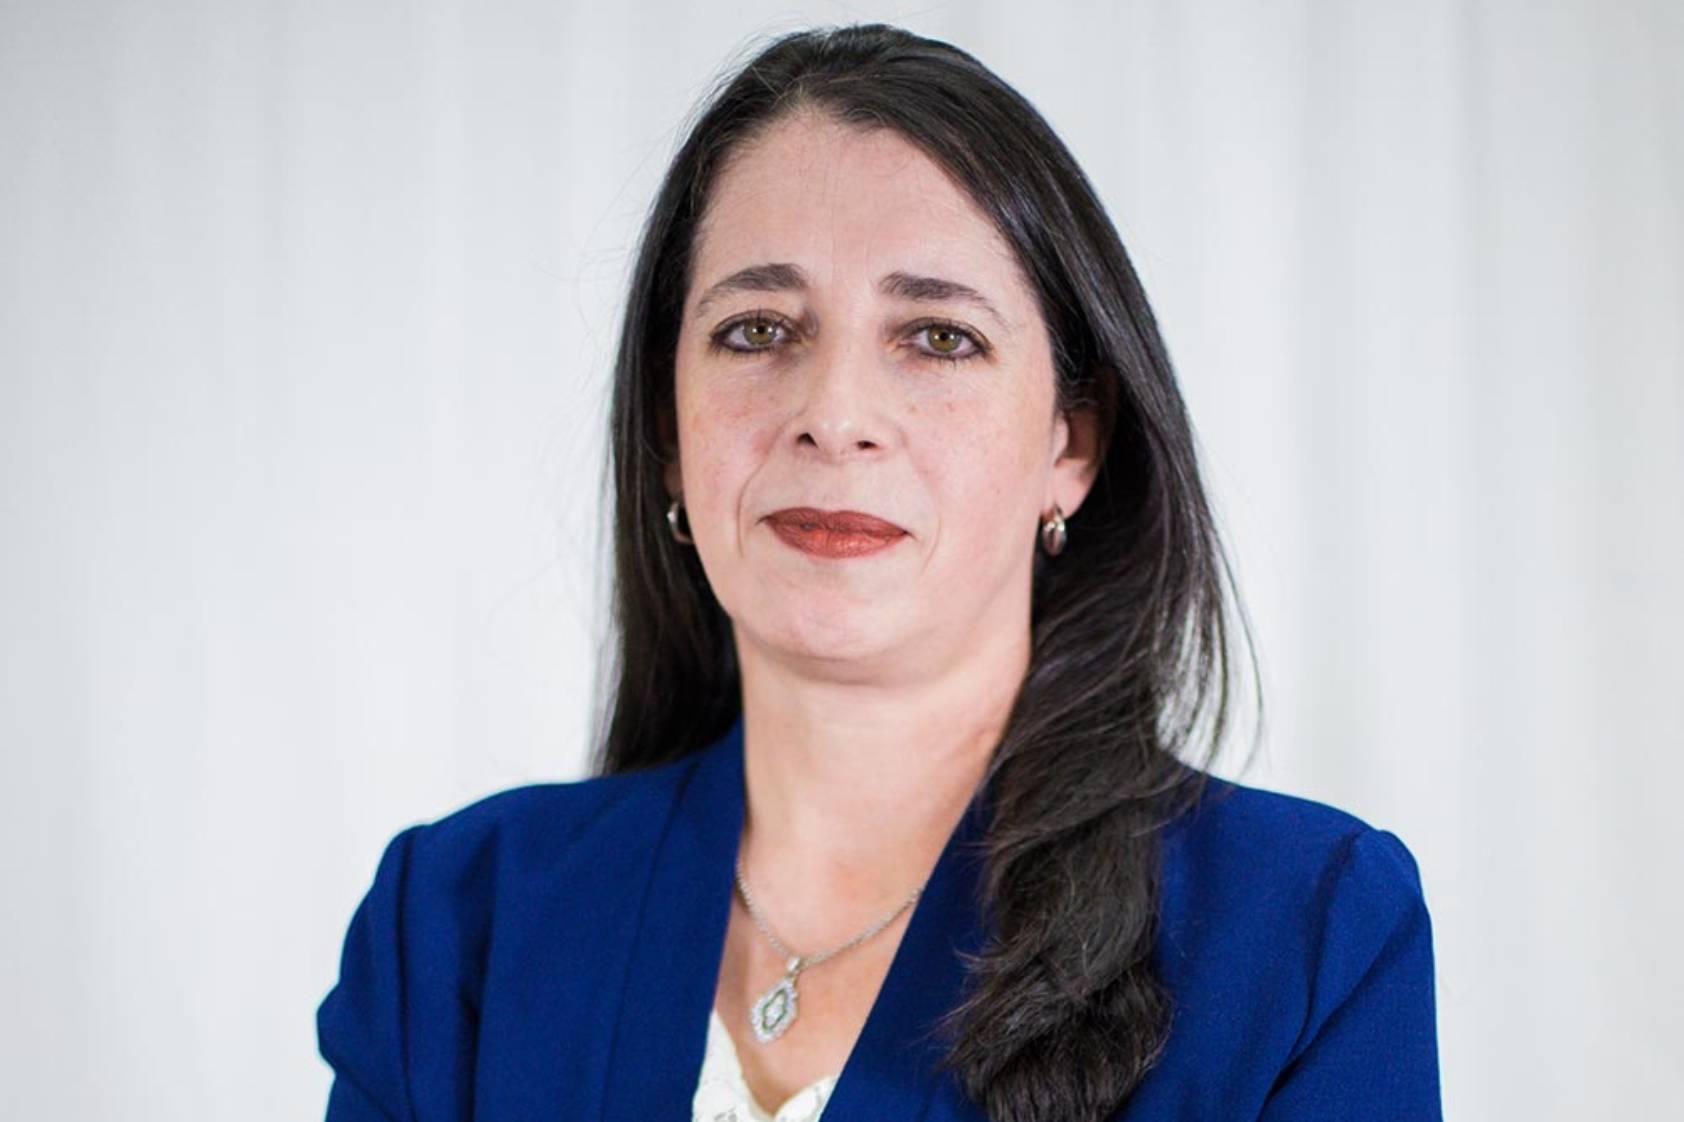 Renata Mendizábal: La academia e investigación están presentes en toda su vida